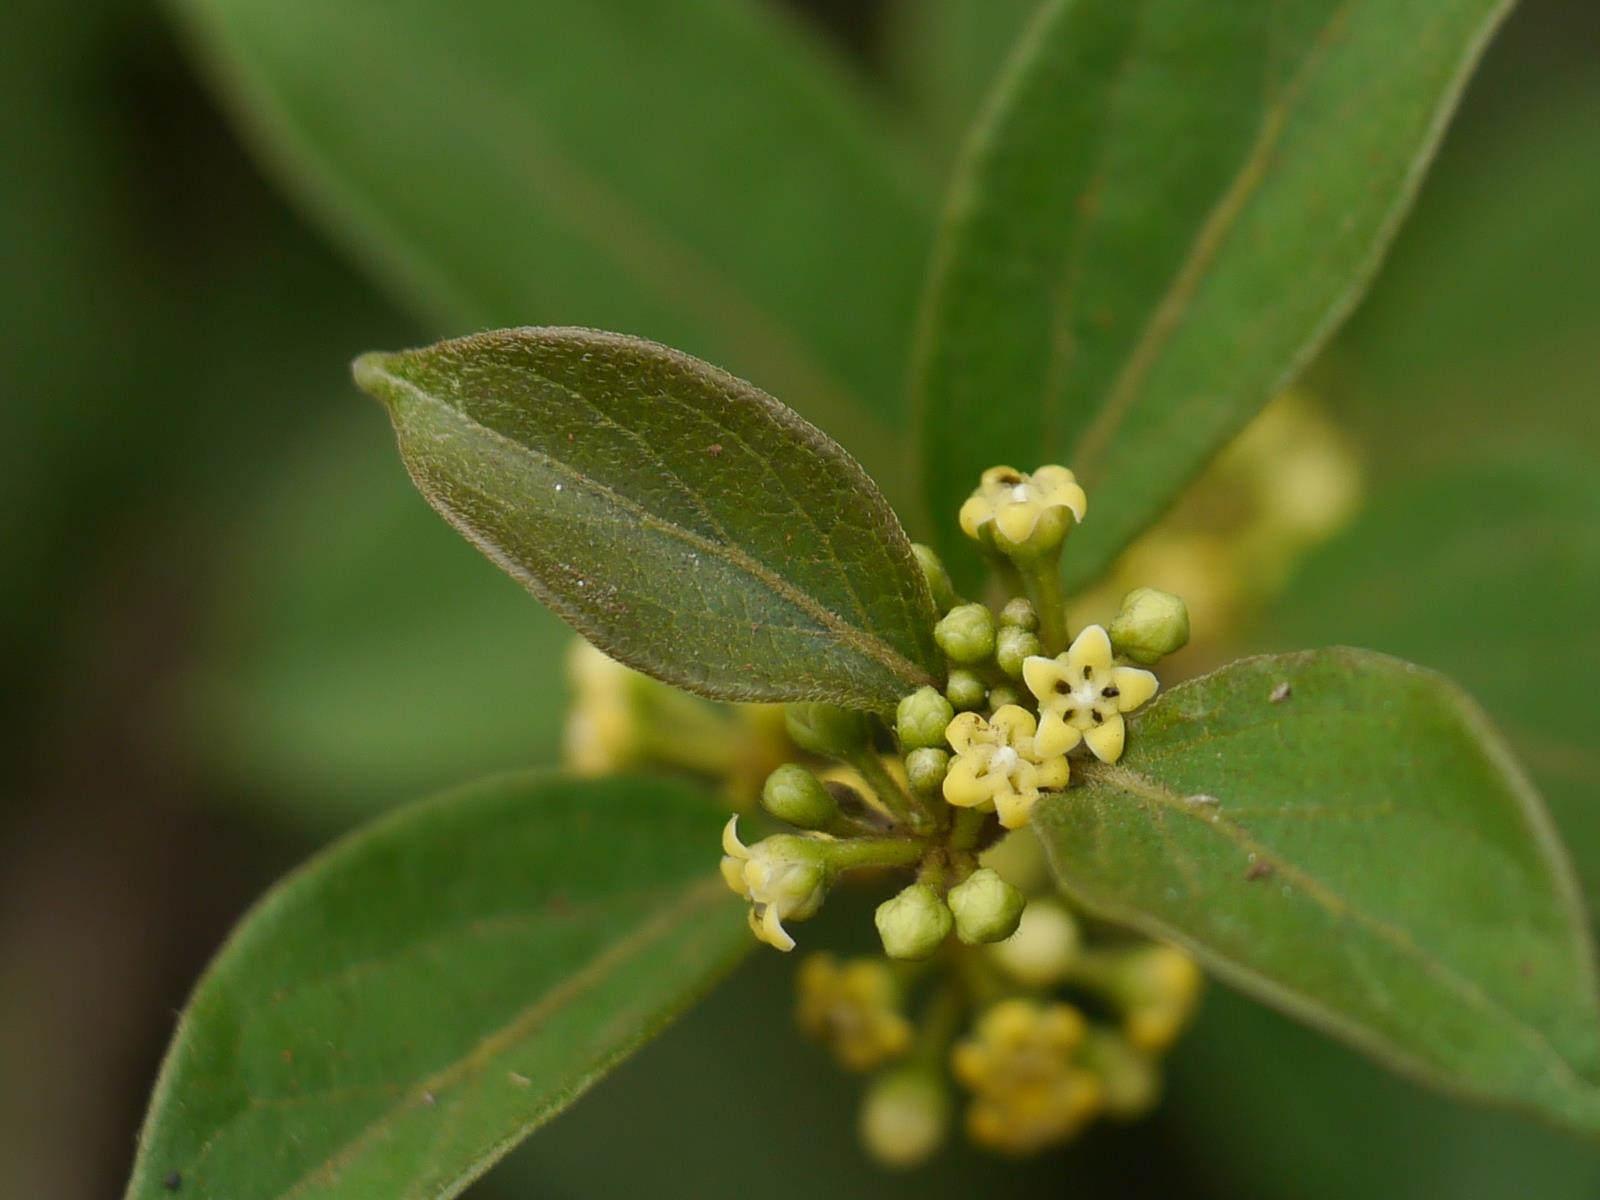 Tamibolic aide a la digestion grace aux vertues du gymnema sylvestre